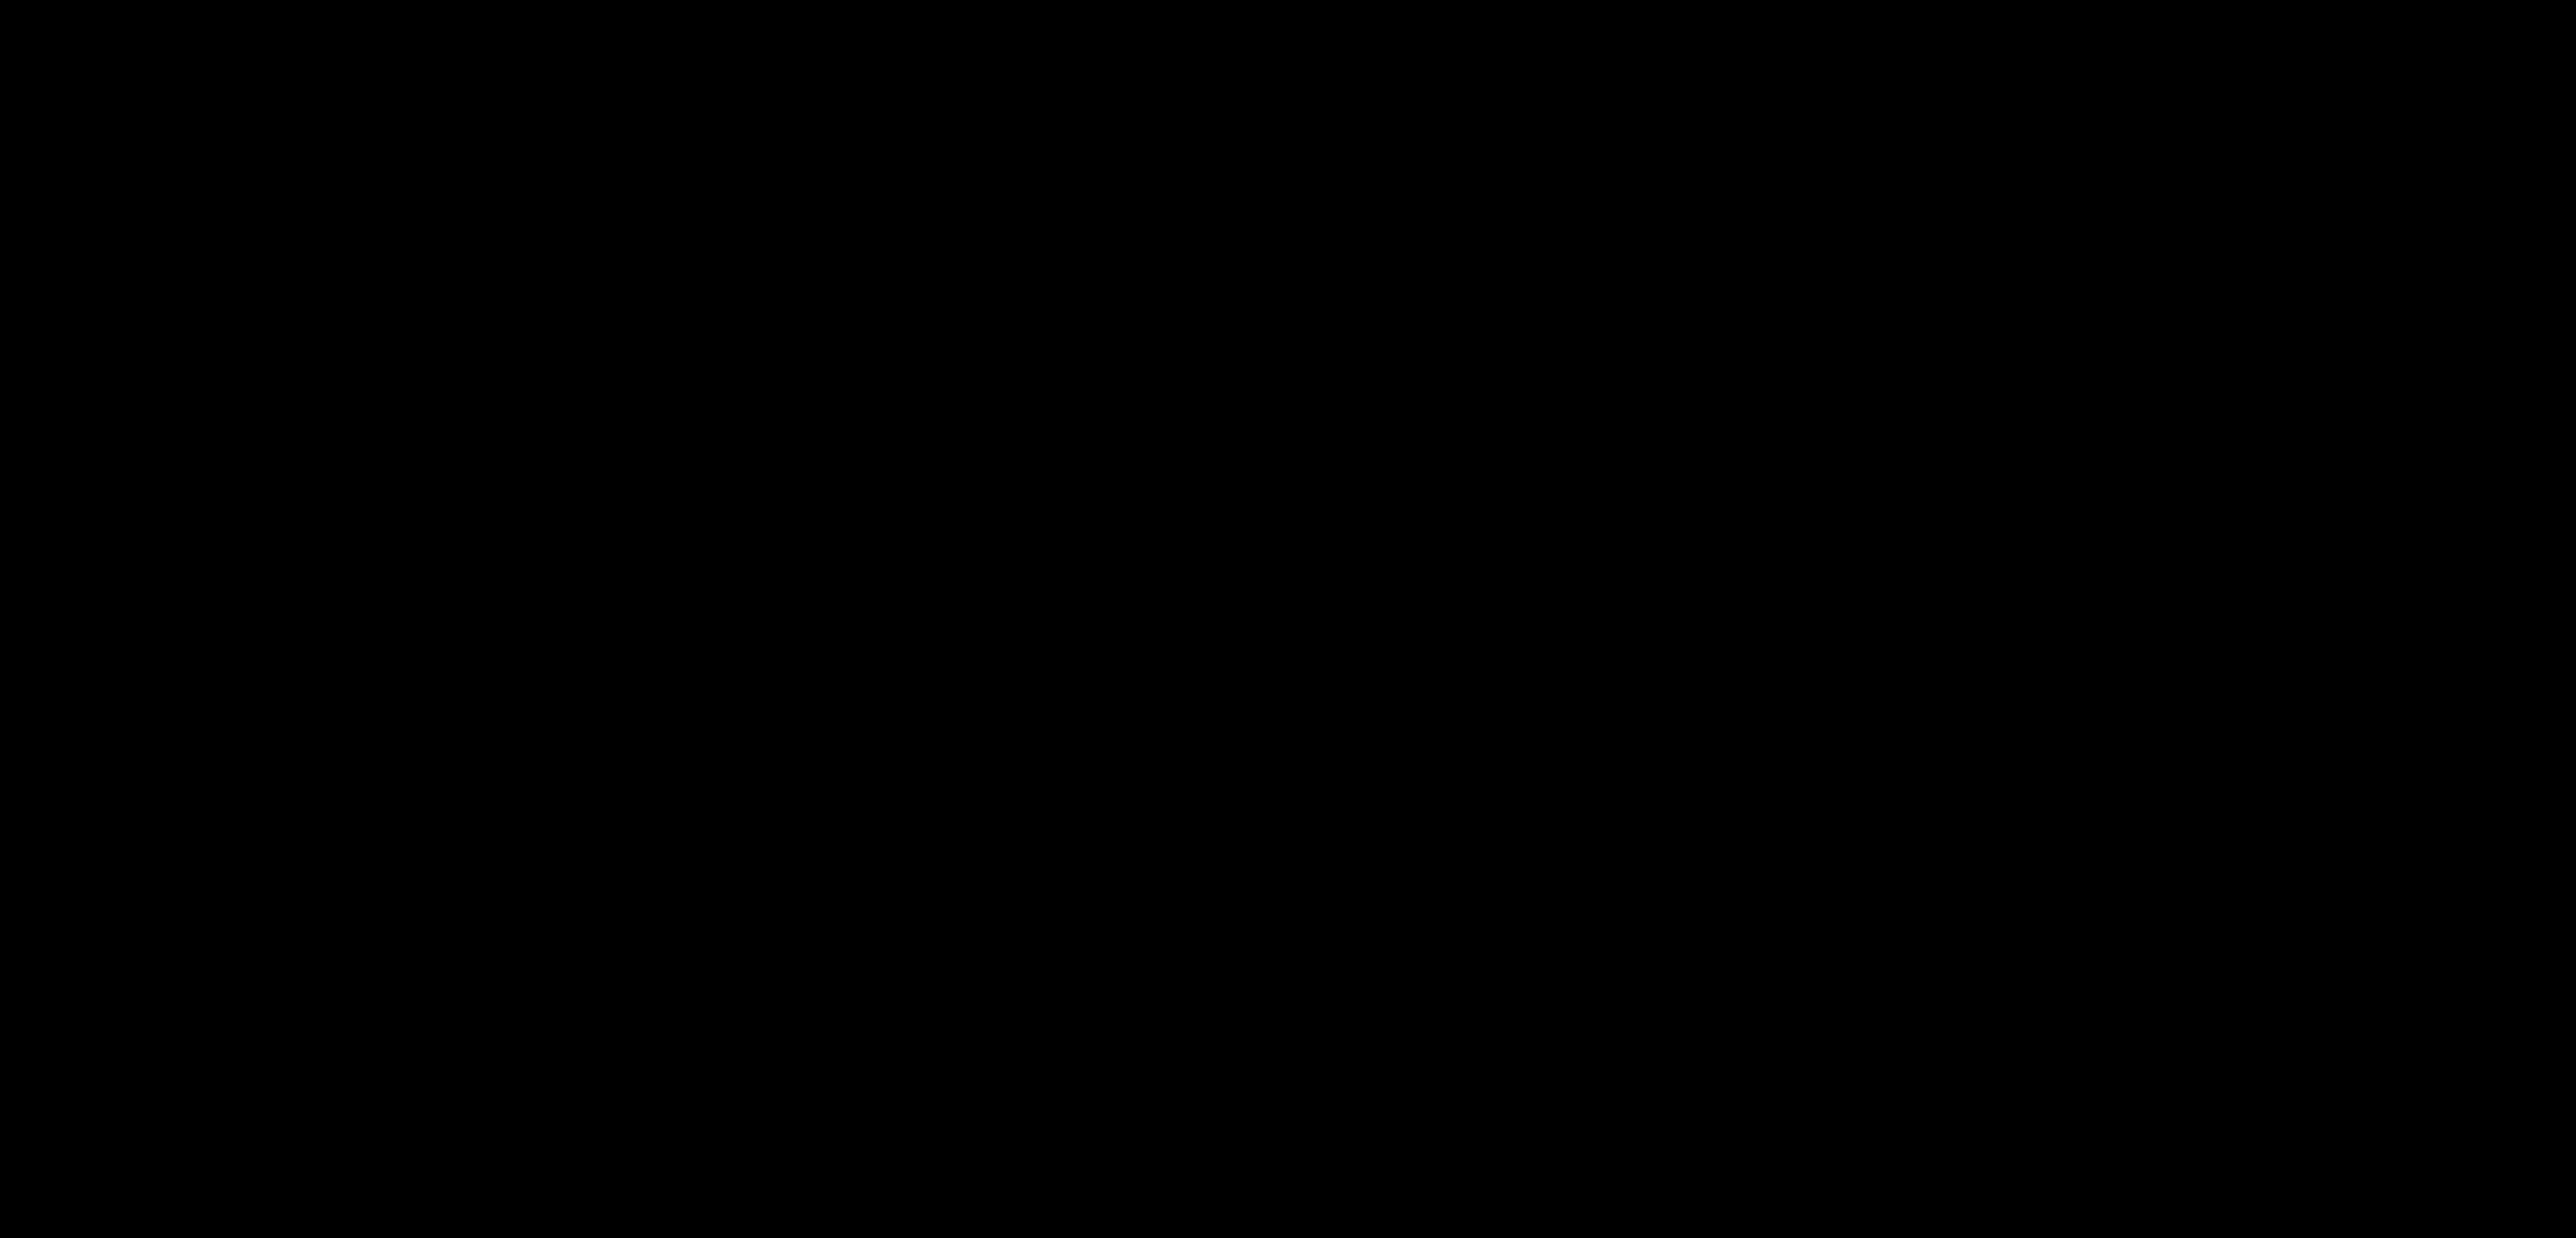 Fmoc-L Ala-L Ala- L Pro-L Ala tert-butyl ester